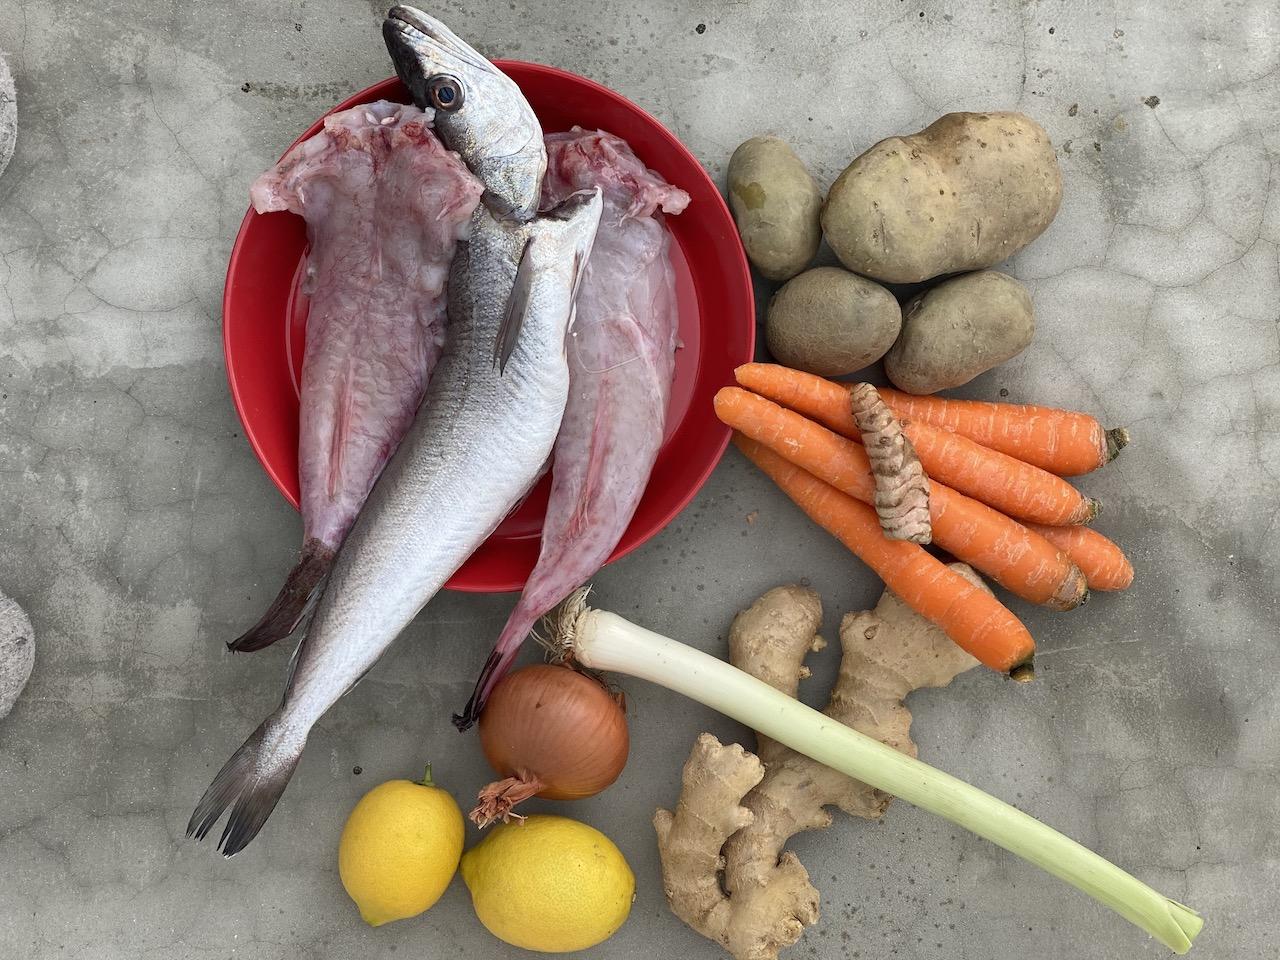 υλικό για ψαρόσουπα